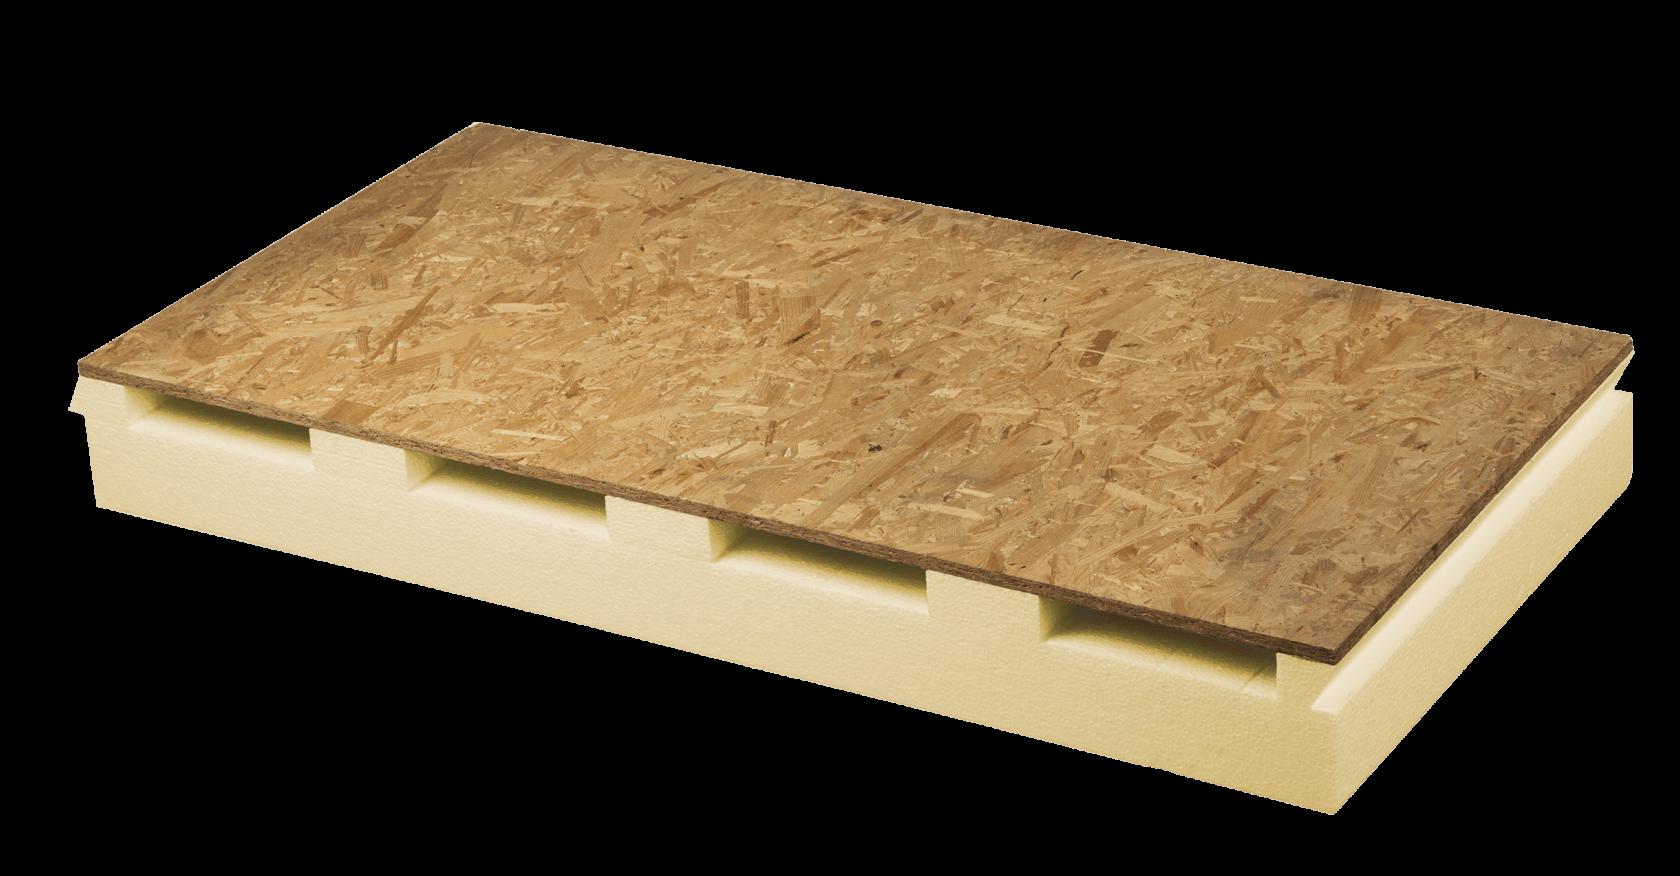 pannelli coibentati per tetto ventilato in polistirene con osb Aero Styr OSB nuova fopan